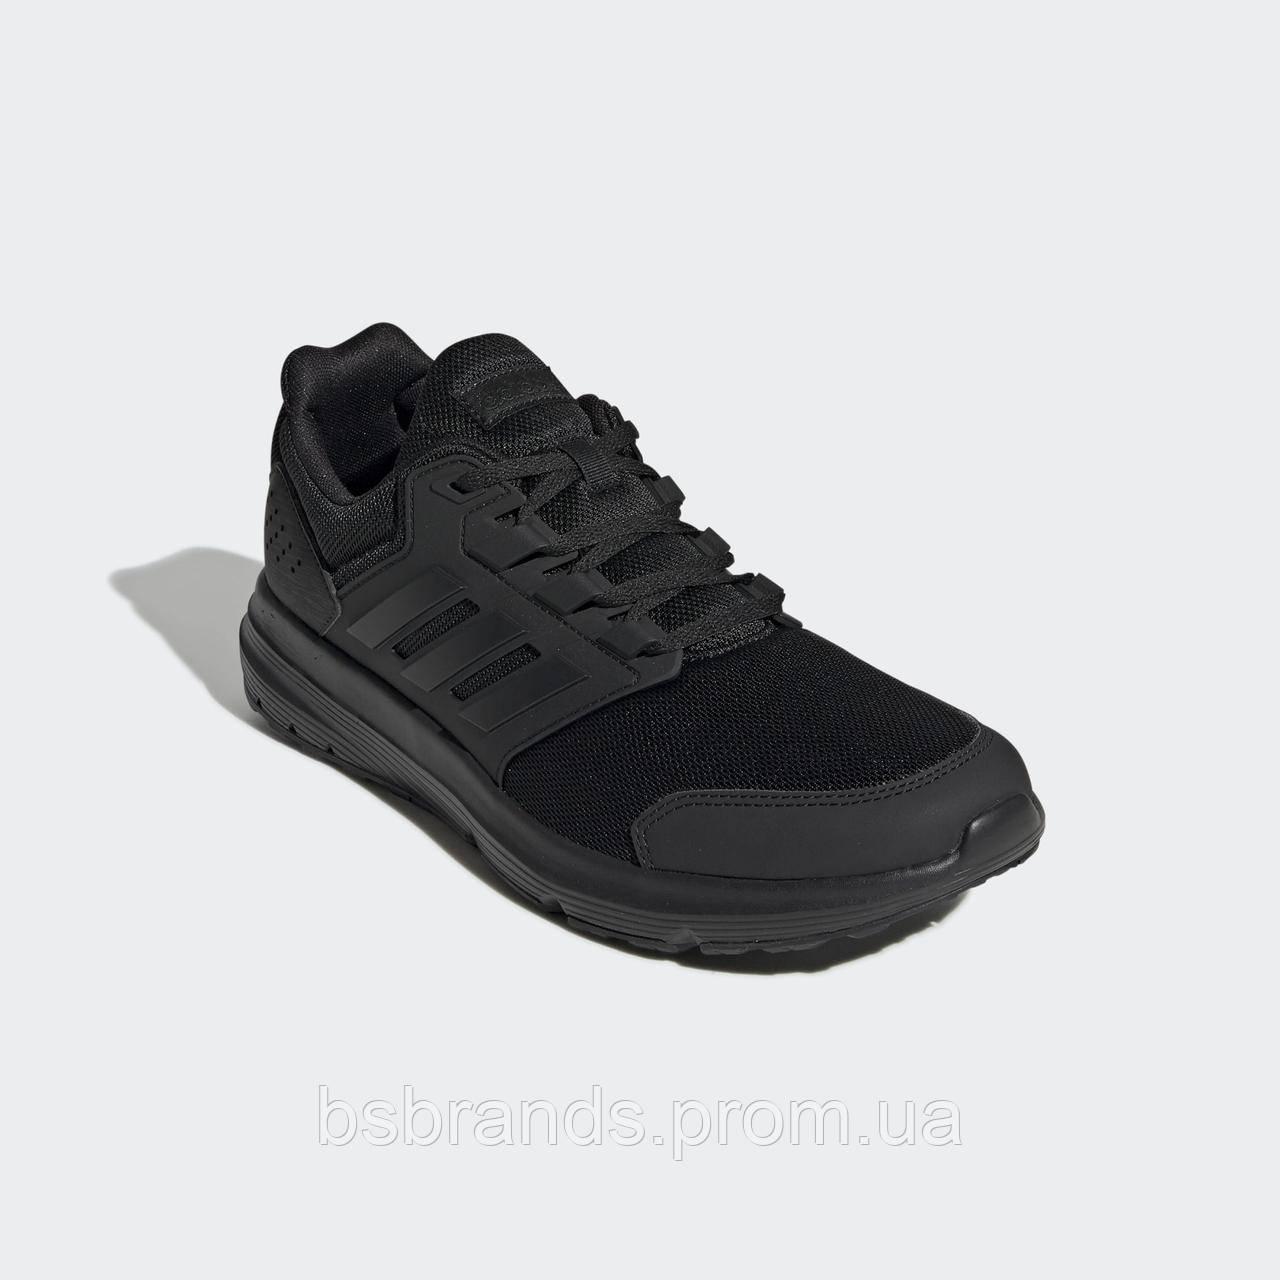 Чоловічі кросівки для бігу adidas Galaxy 4 EE7917